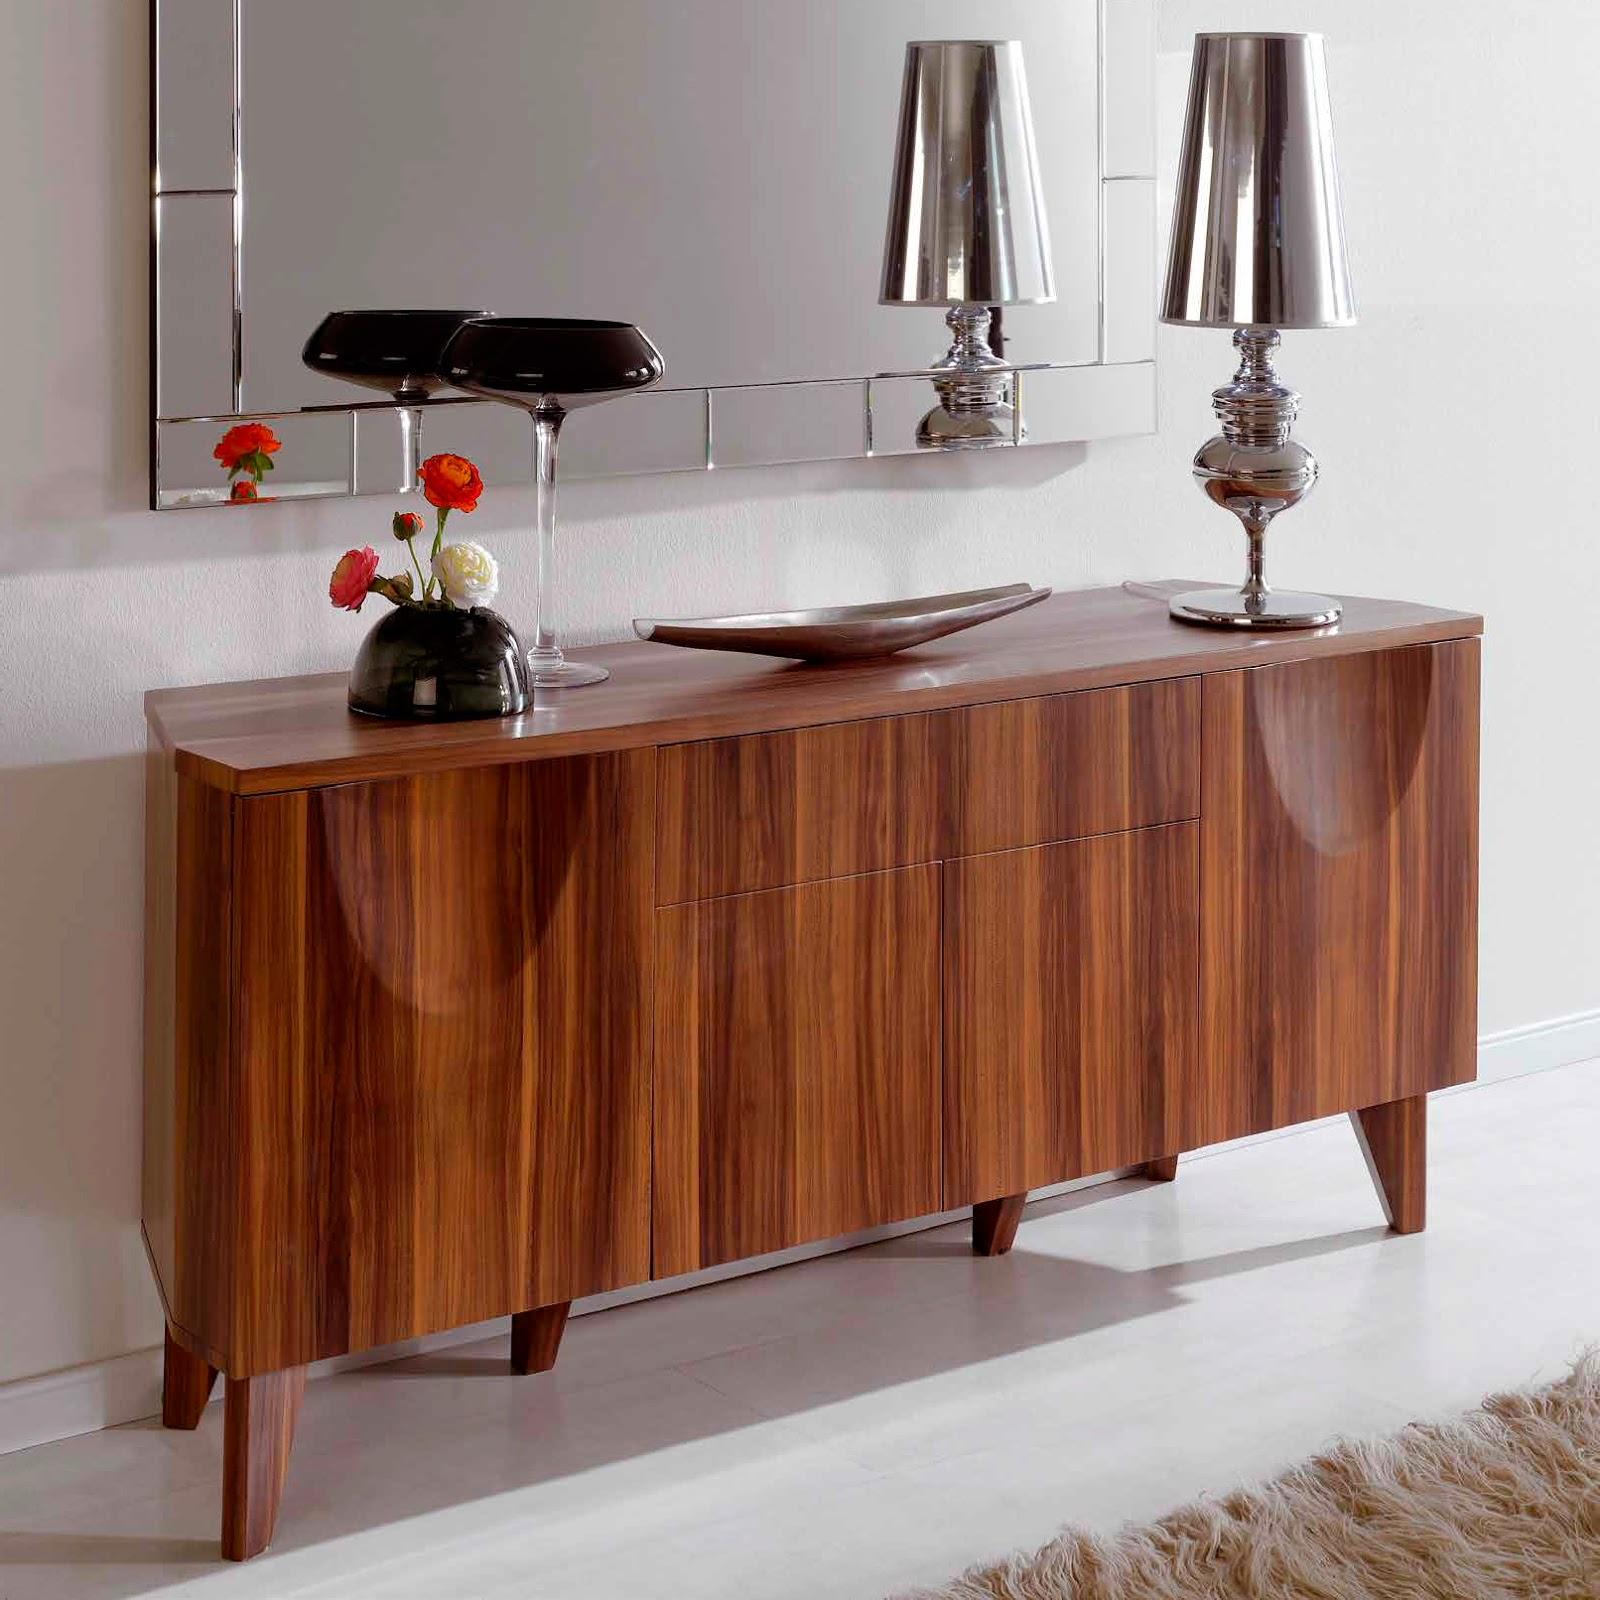 Muebles de comedor aparadores de madera para el comedor for Muebles para comedor